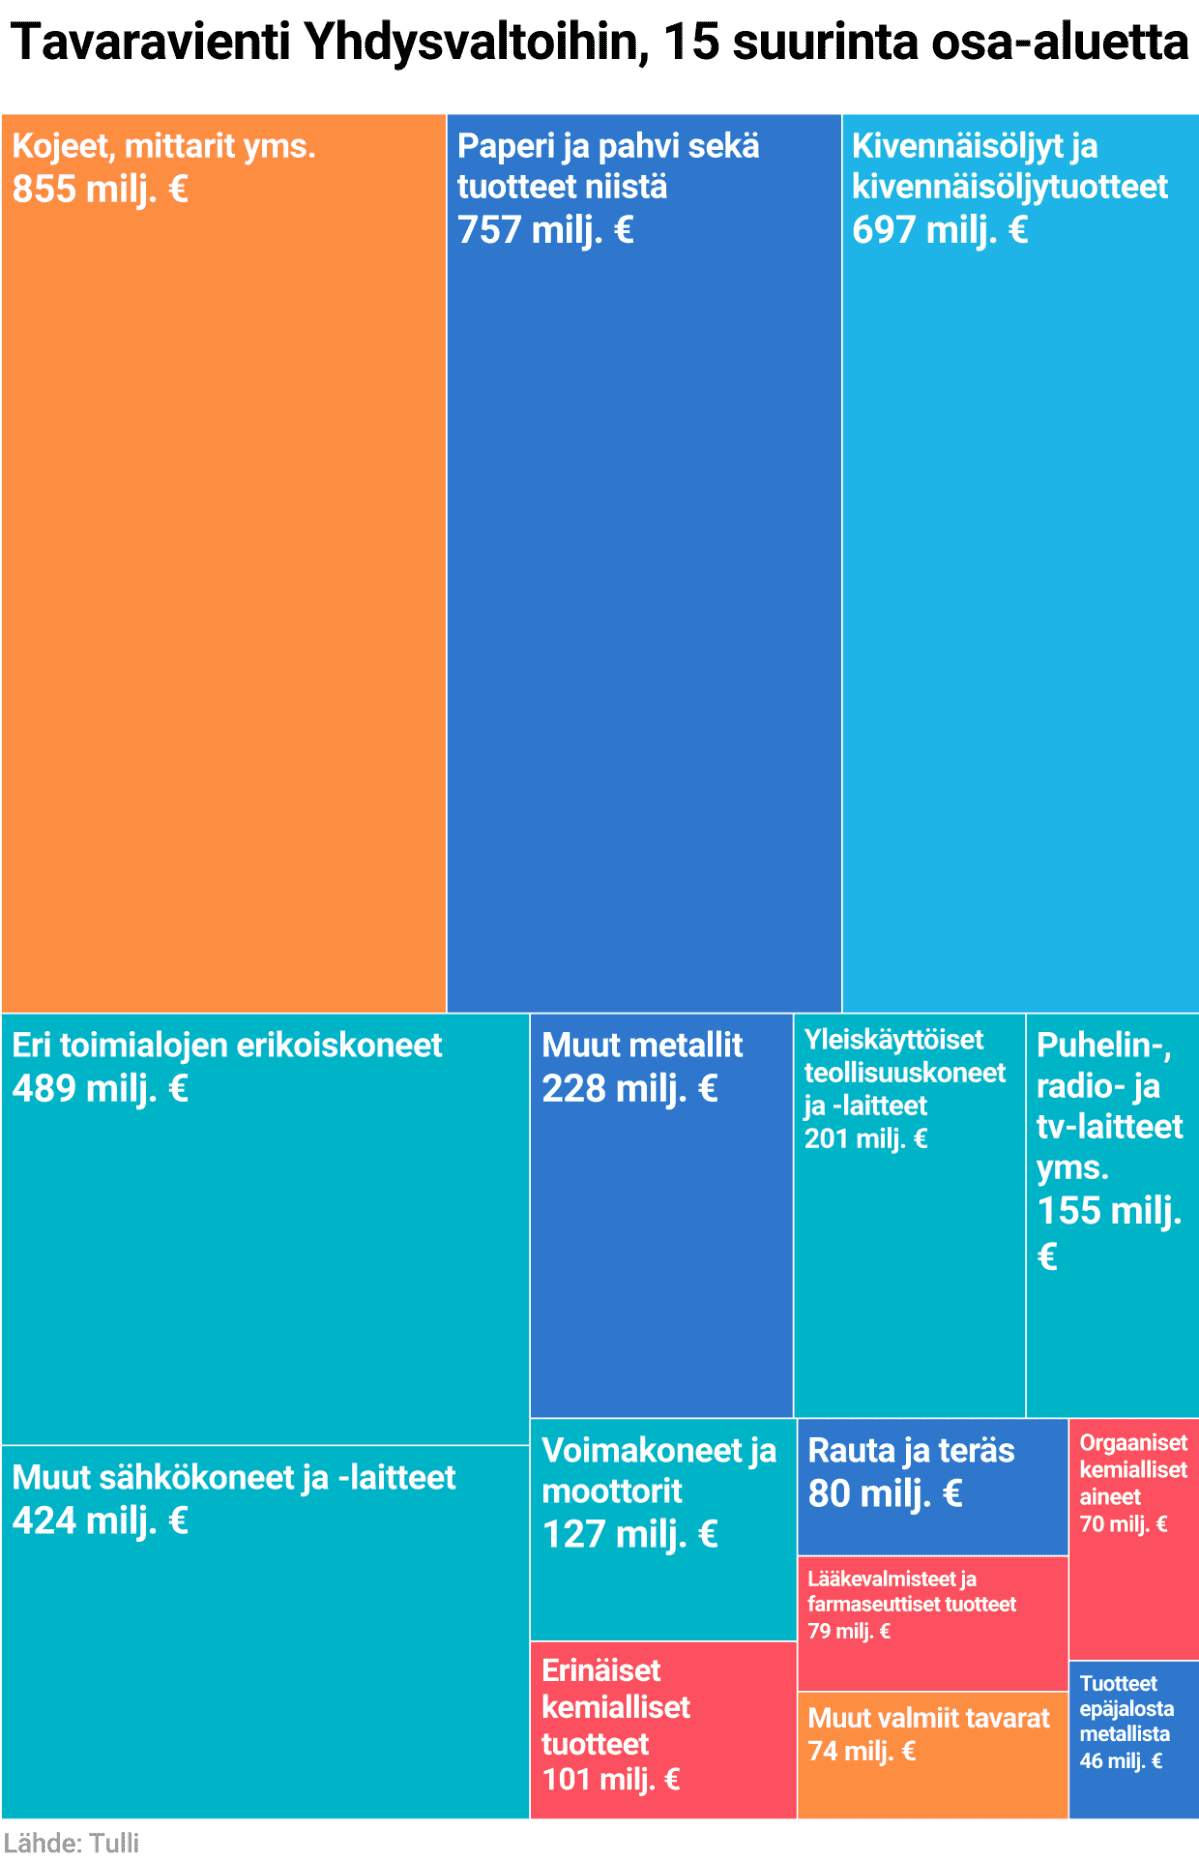 Tavaravienti Yhdysvaltoihin, 15 suurinta osa-aluetta